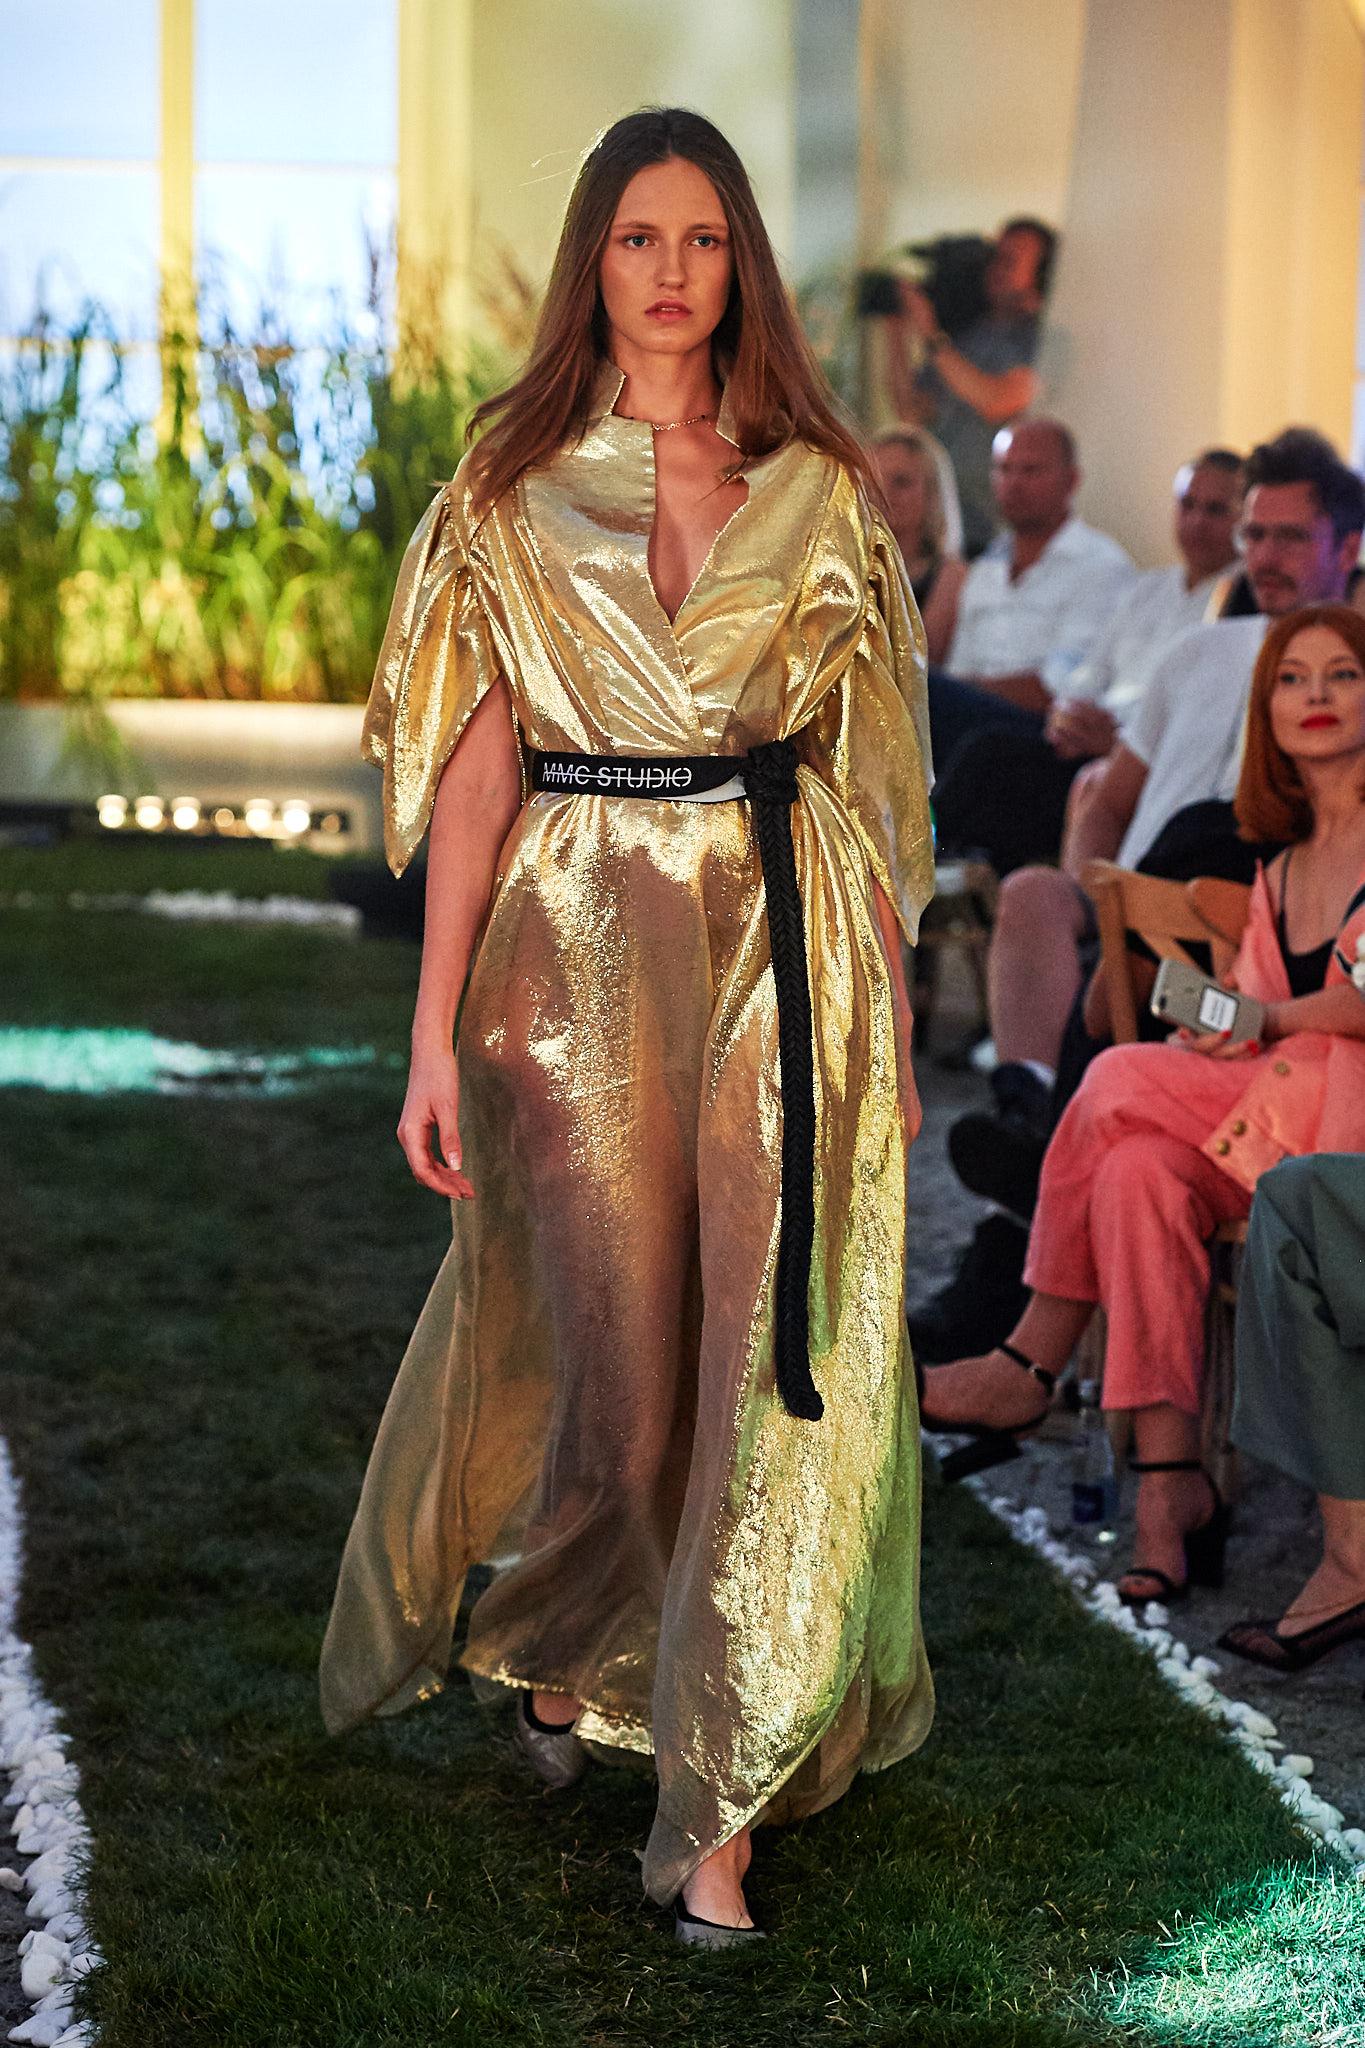 42_MMC-010719-lowres-fotFilipOkopny-FashionImages